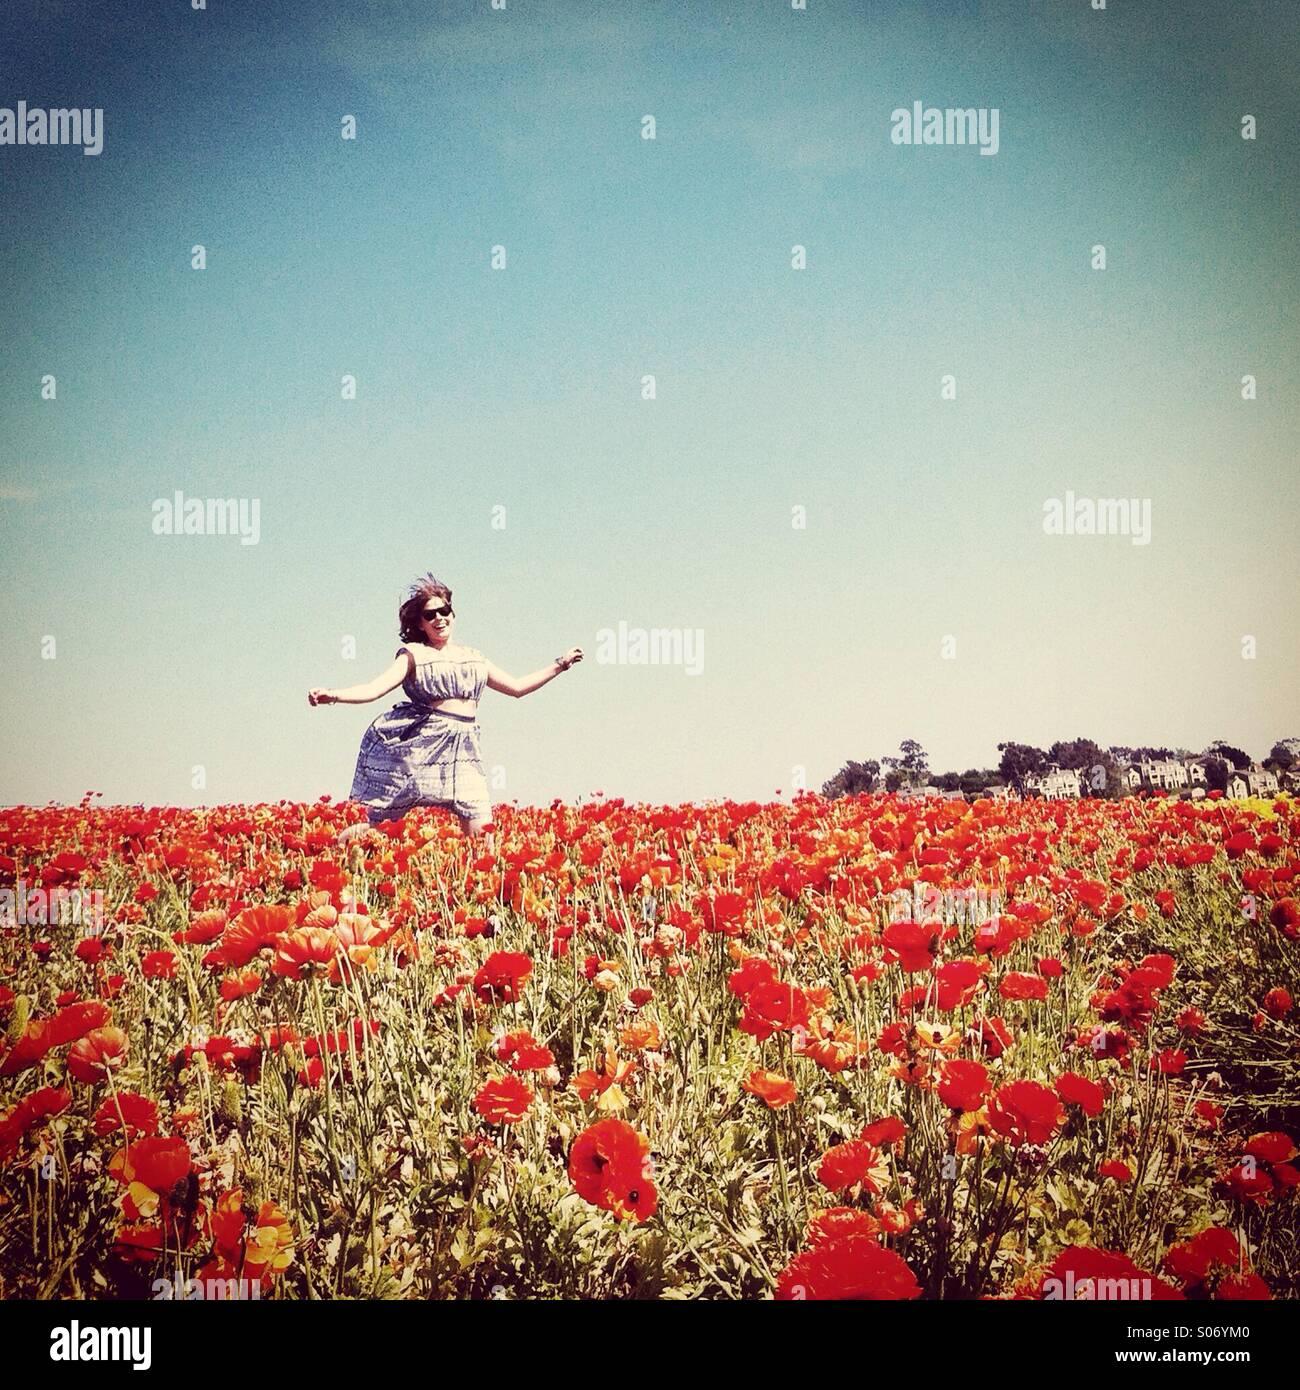 Chica bailando en el campo de amapolas Imagen De Stock